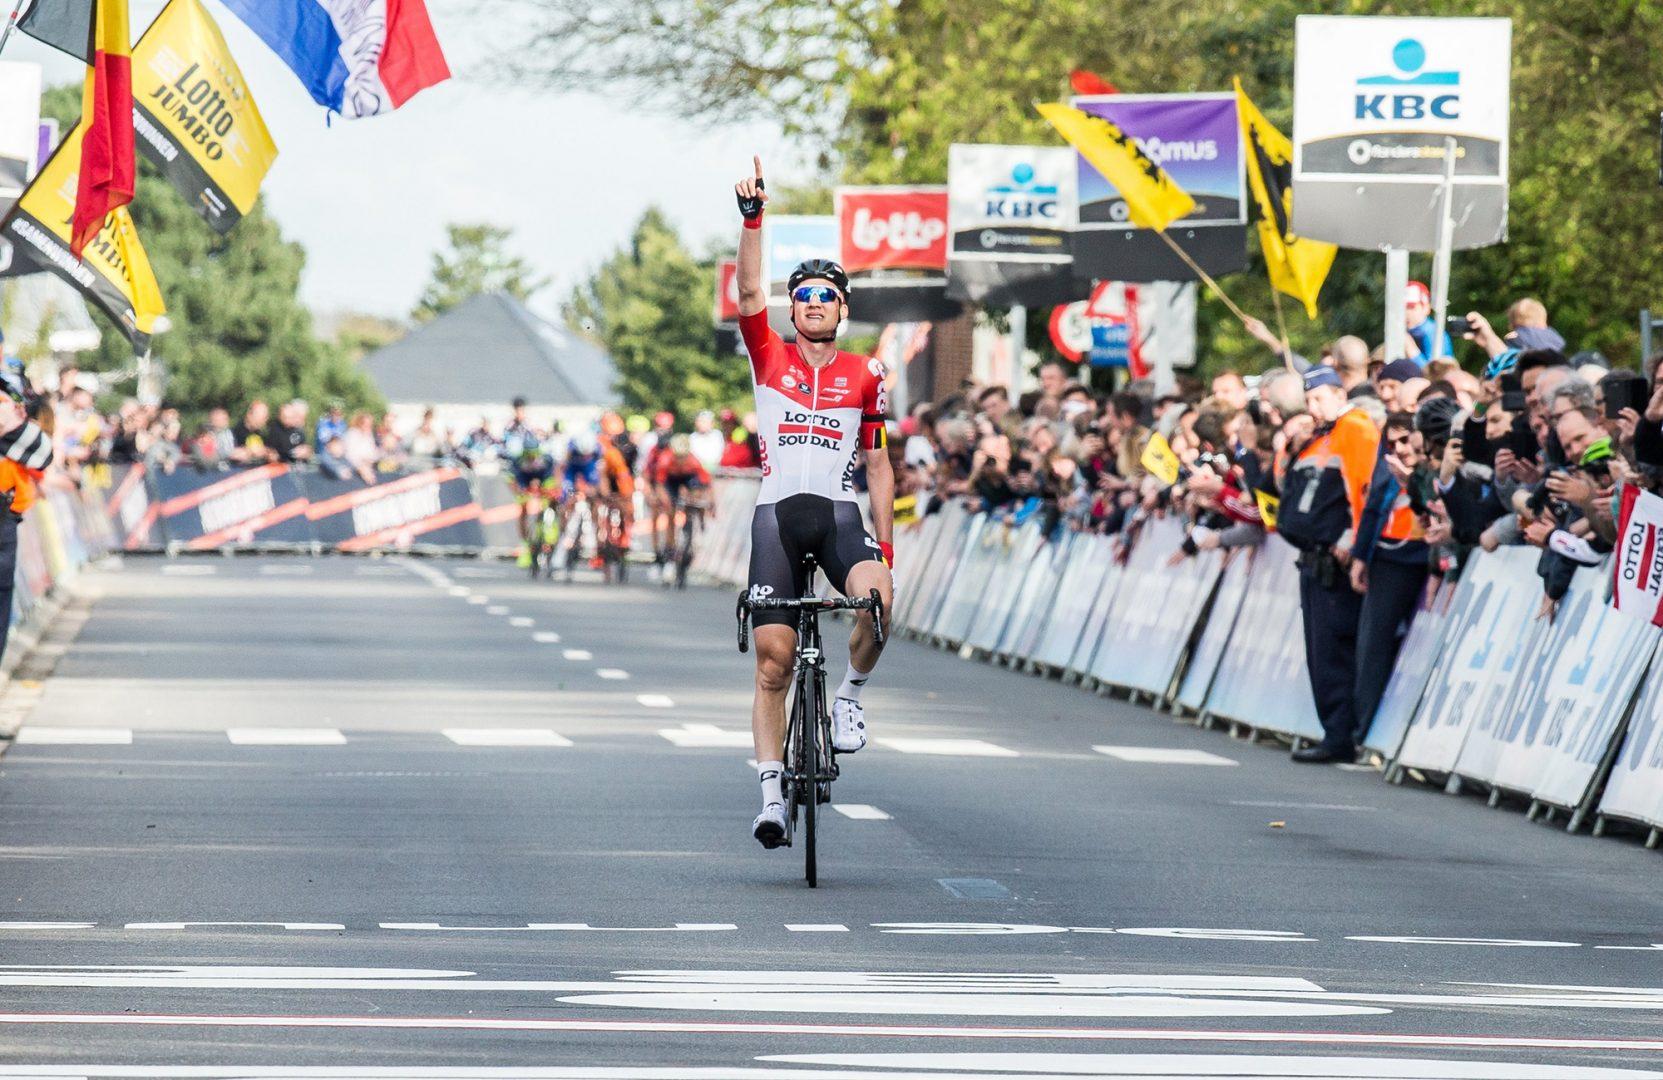 Tim Wellens, del equipo Lotto Soudal, se impuso en la 58 edición de la clásica ciclista Flecha Brananzona (Foto: EFE).